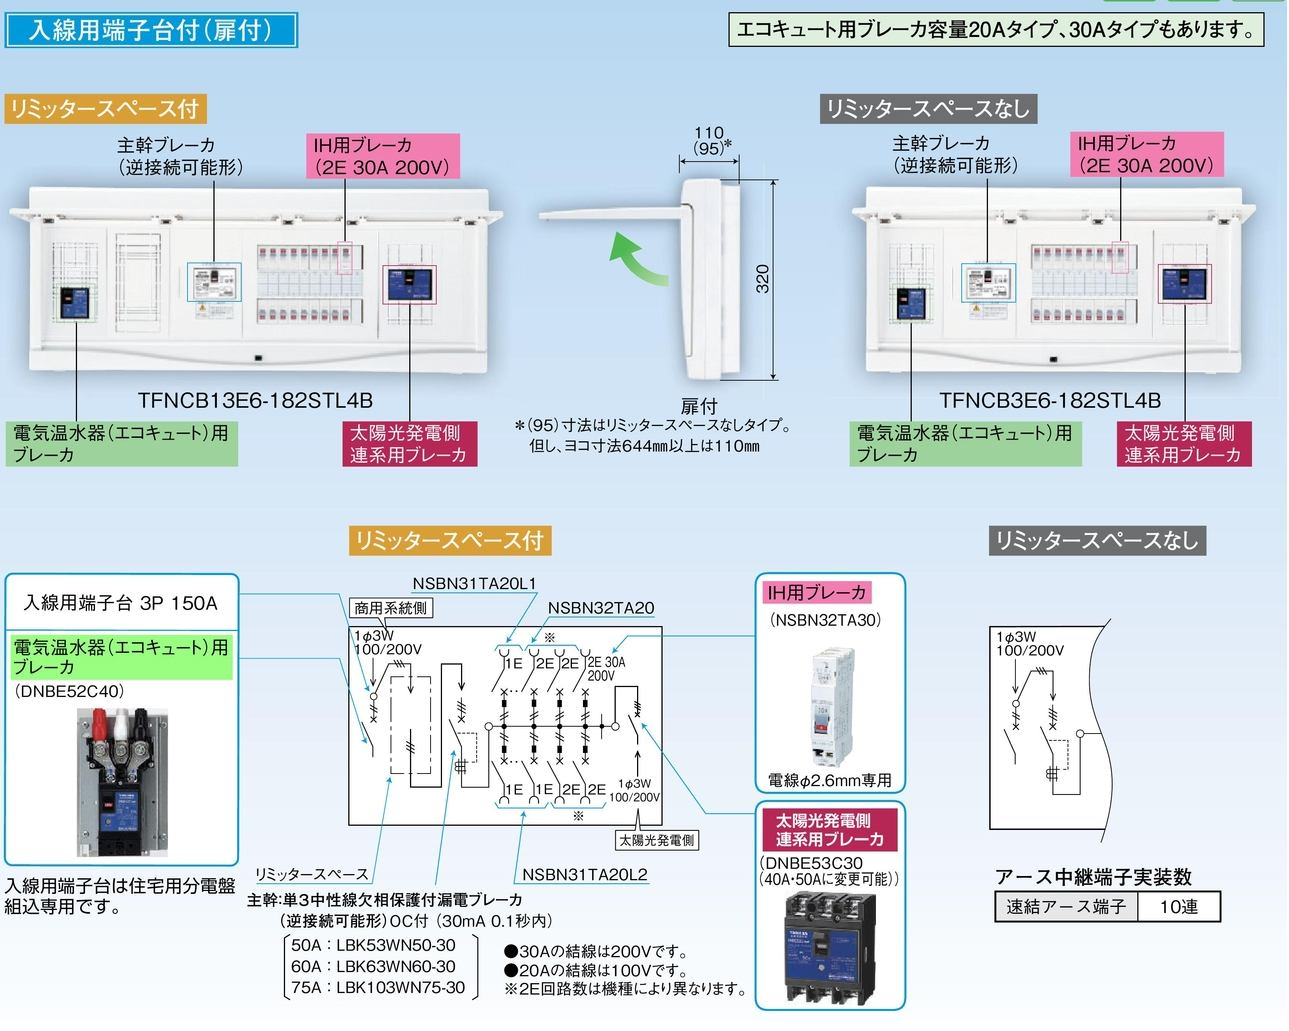 【東芝】小形住宅用分電盤N 扉付・機能付 全電化 75A TFNCB3E7-182STL4B